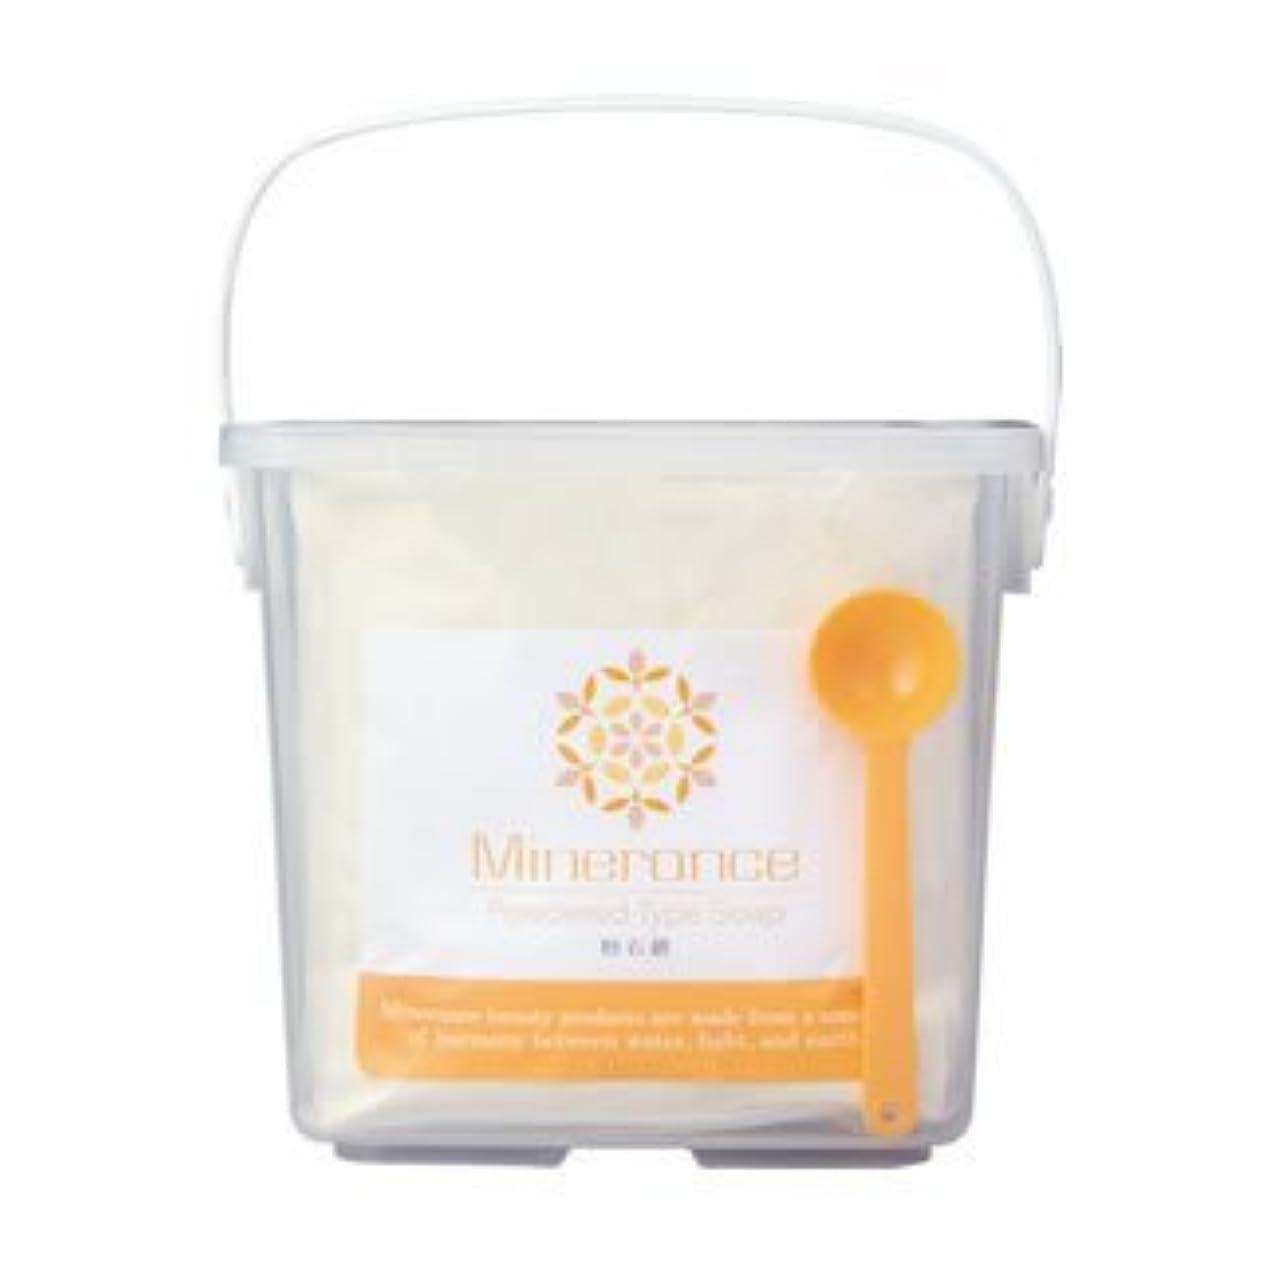 ミネランス ソープ 粉石鹸